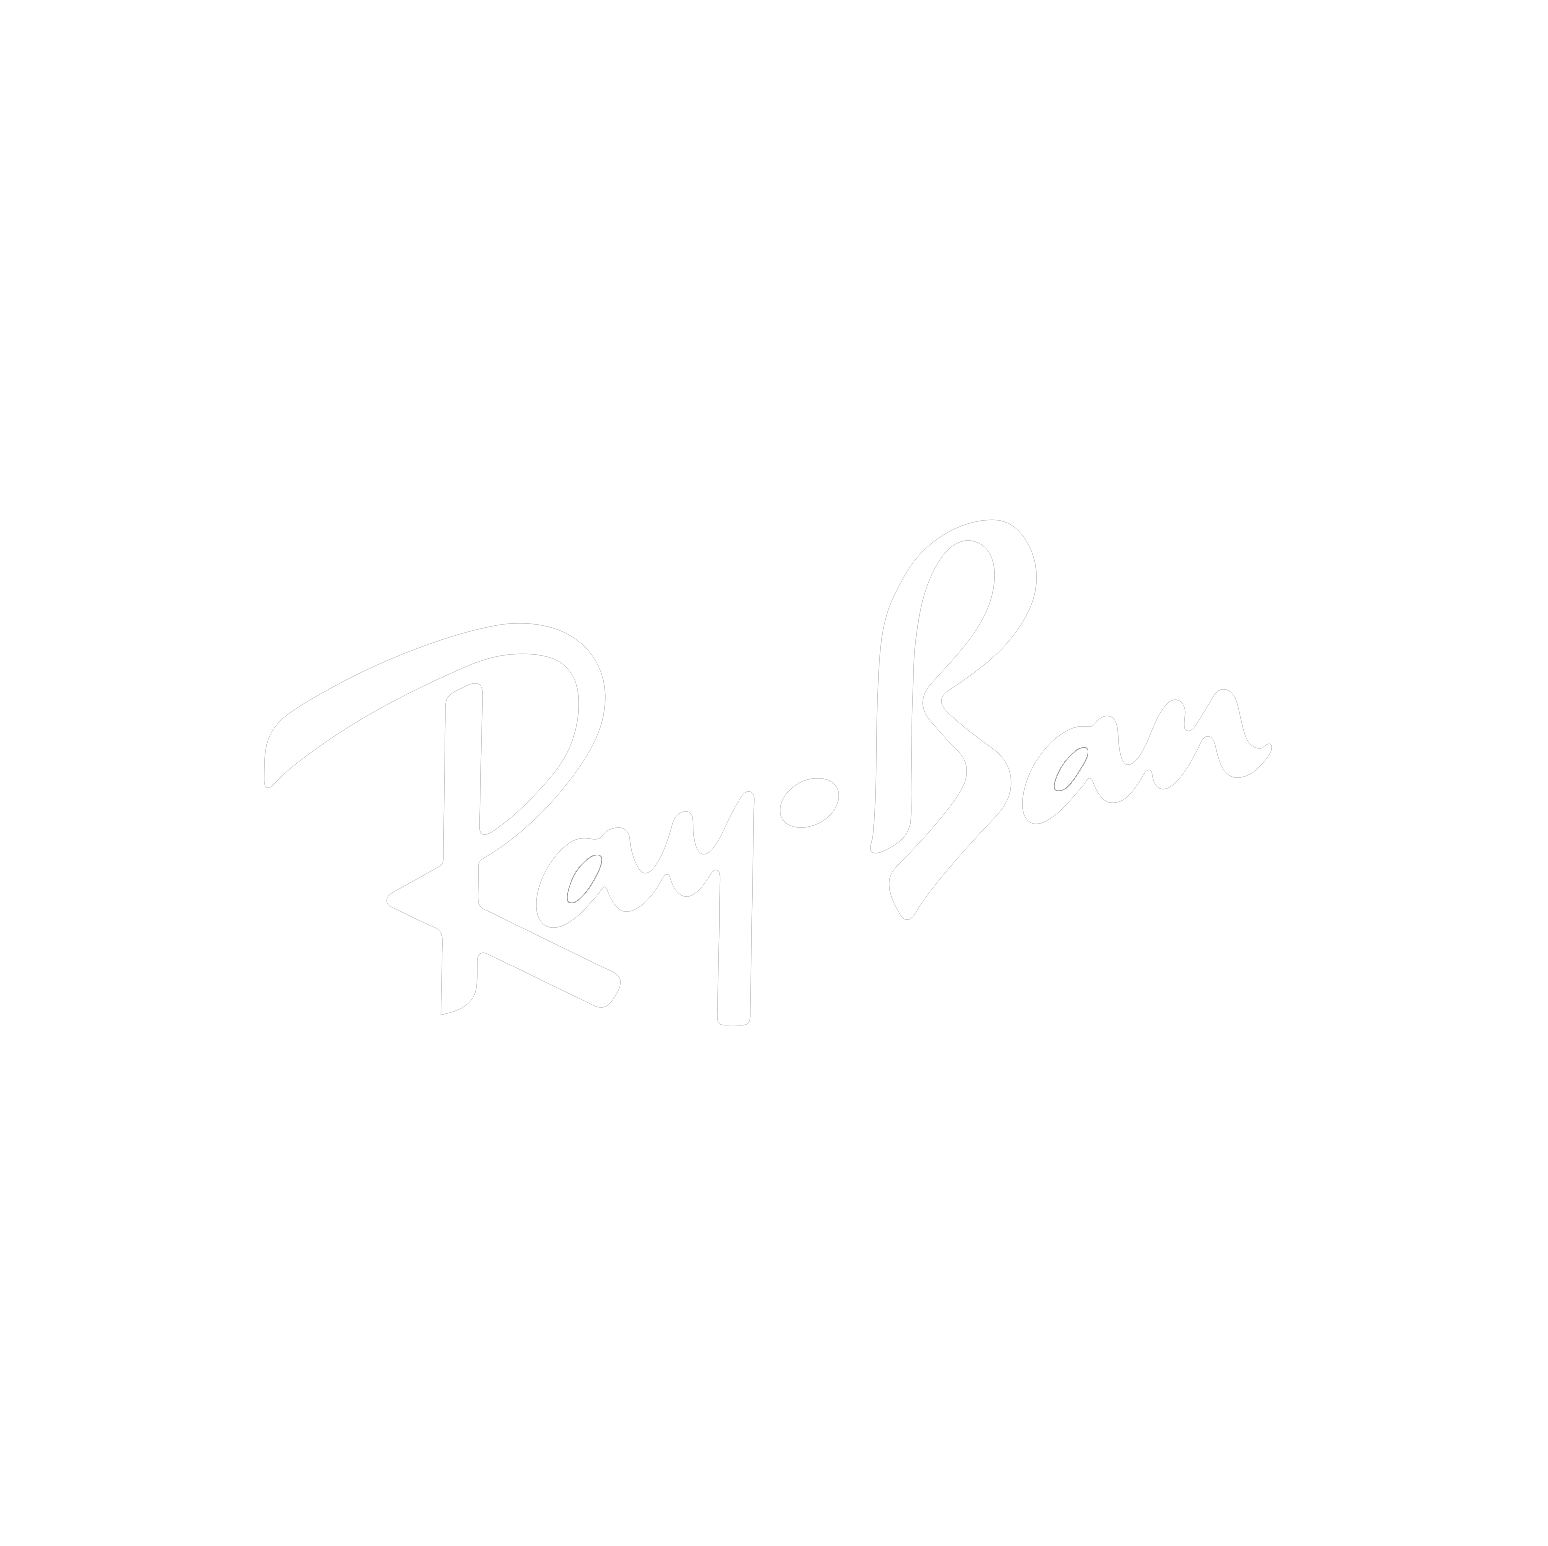 visum-ray-ban-logo.png